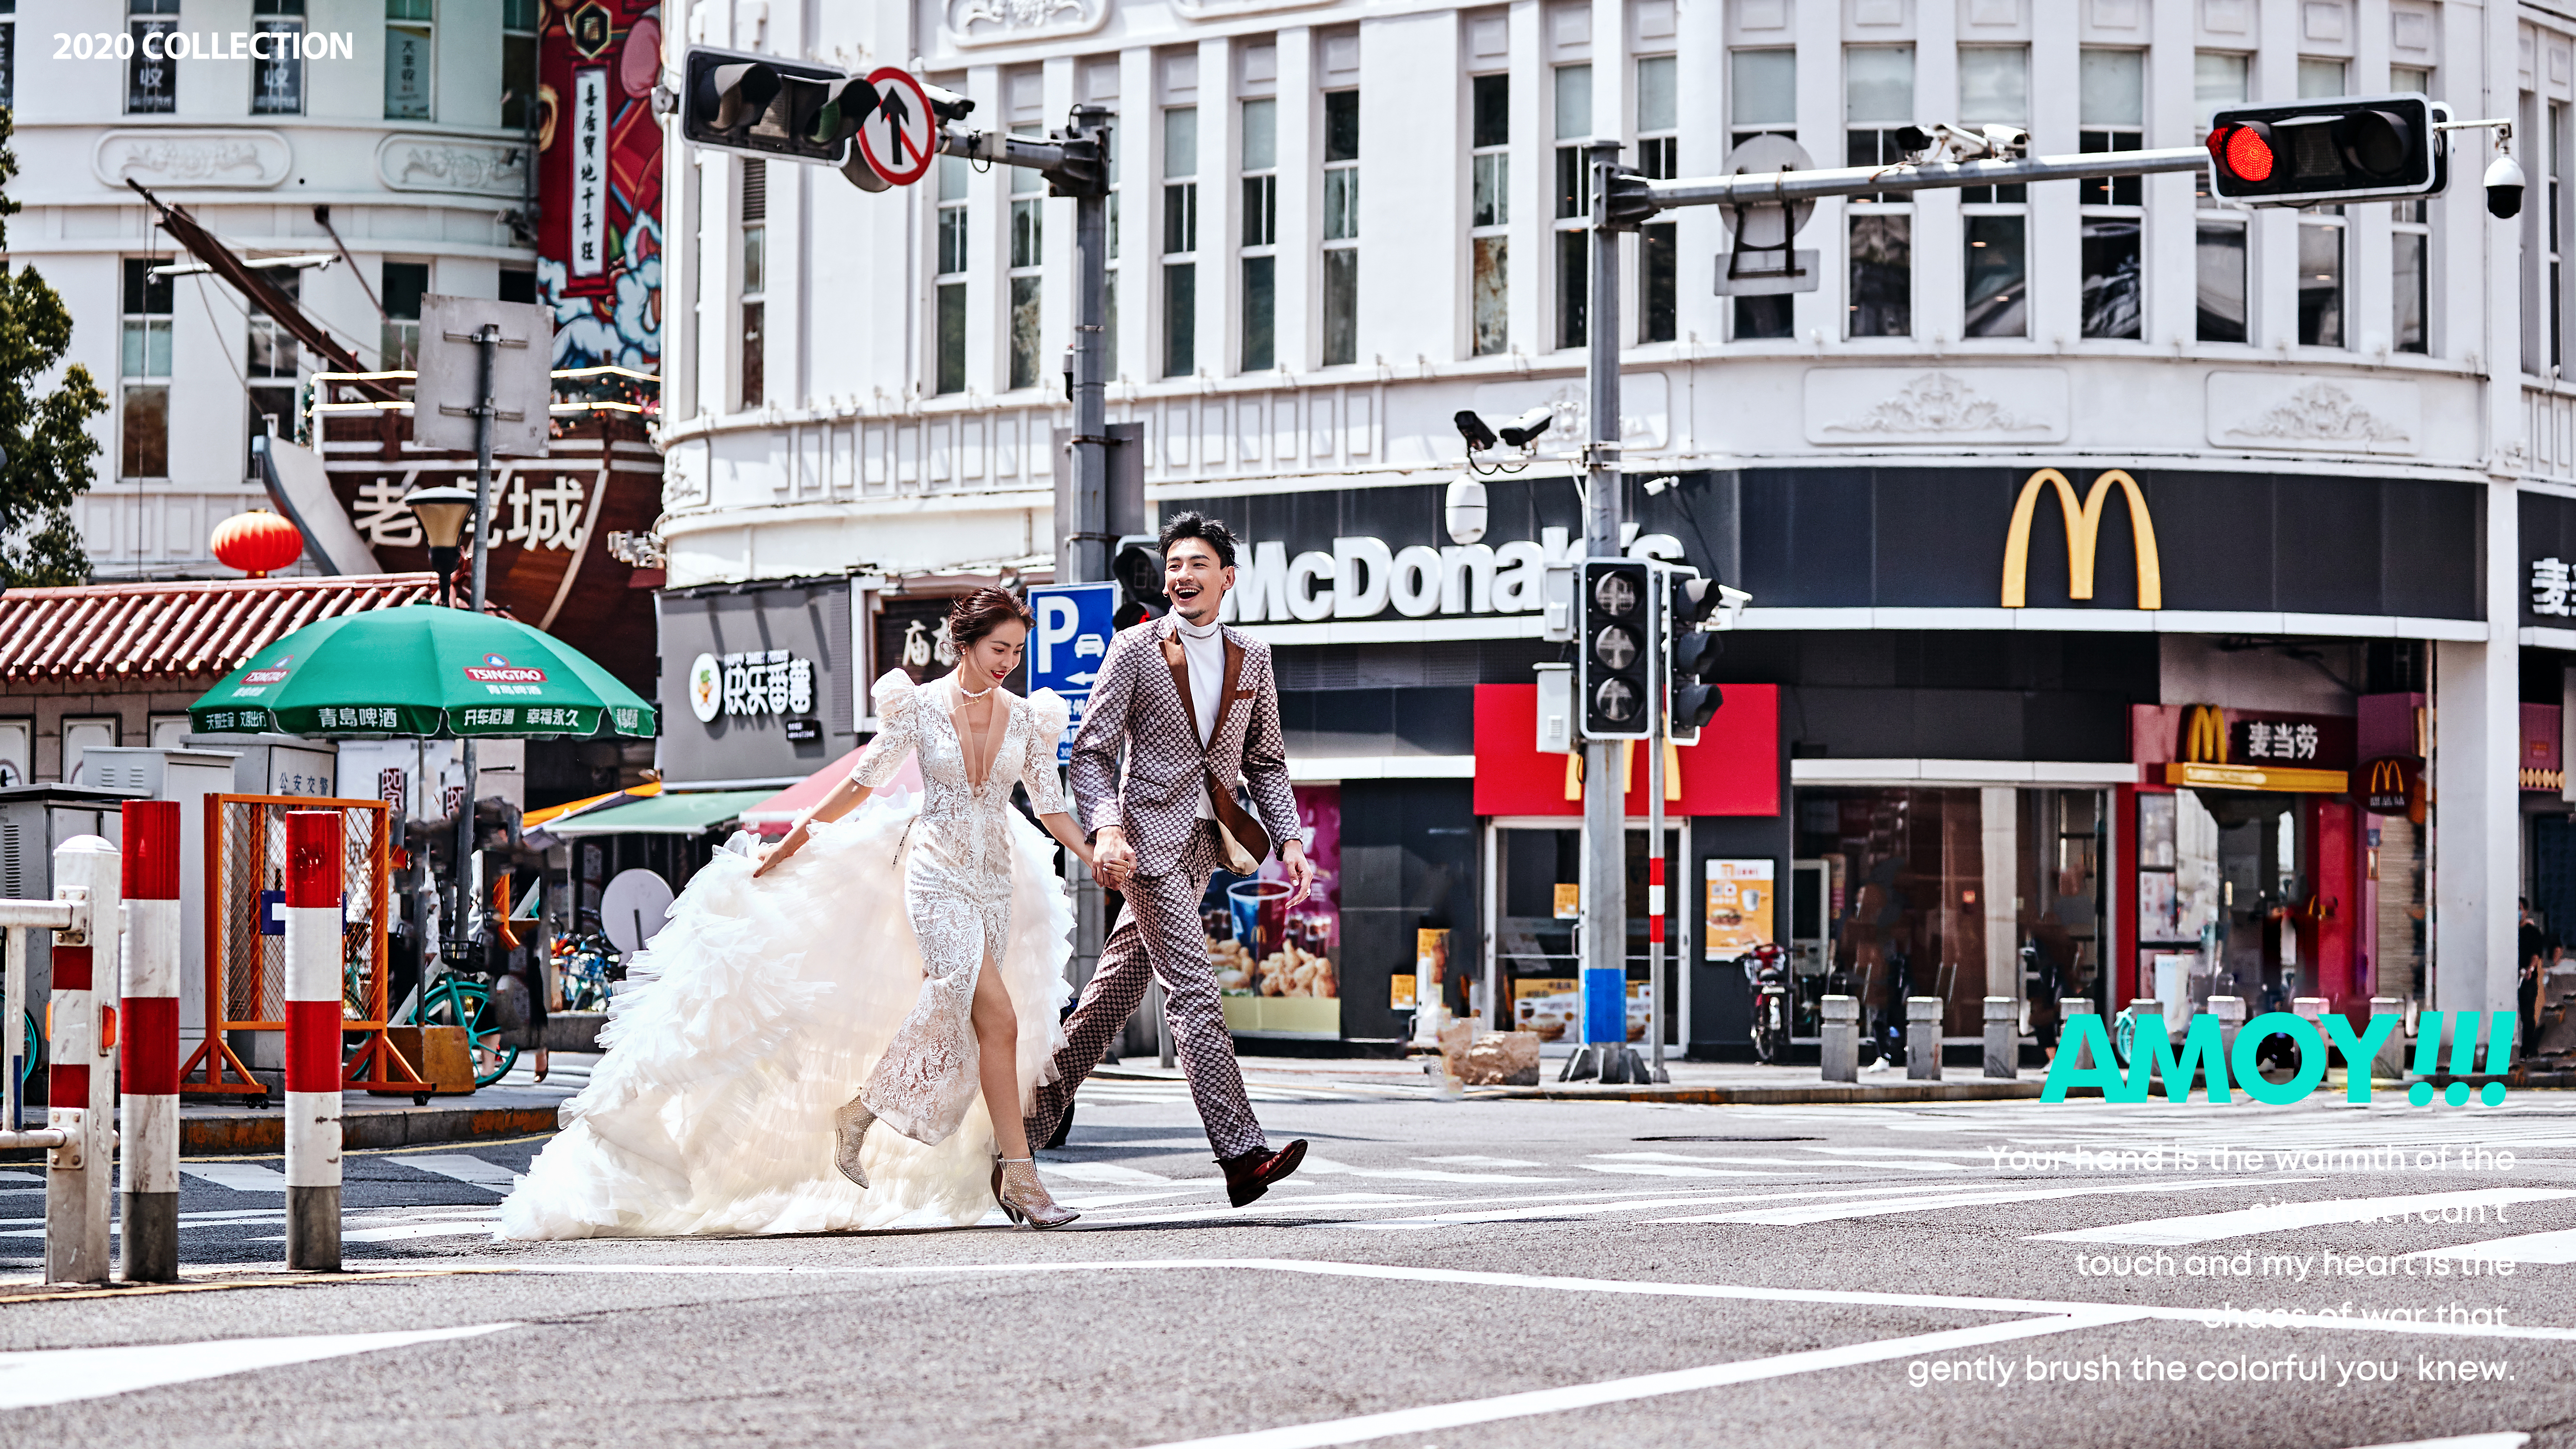 厦门旅拍婚纱摄影要注意什么?旅拍婚纱摄影注意事项梳理!